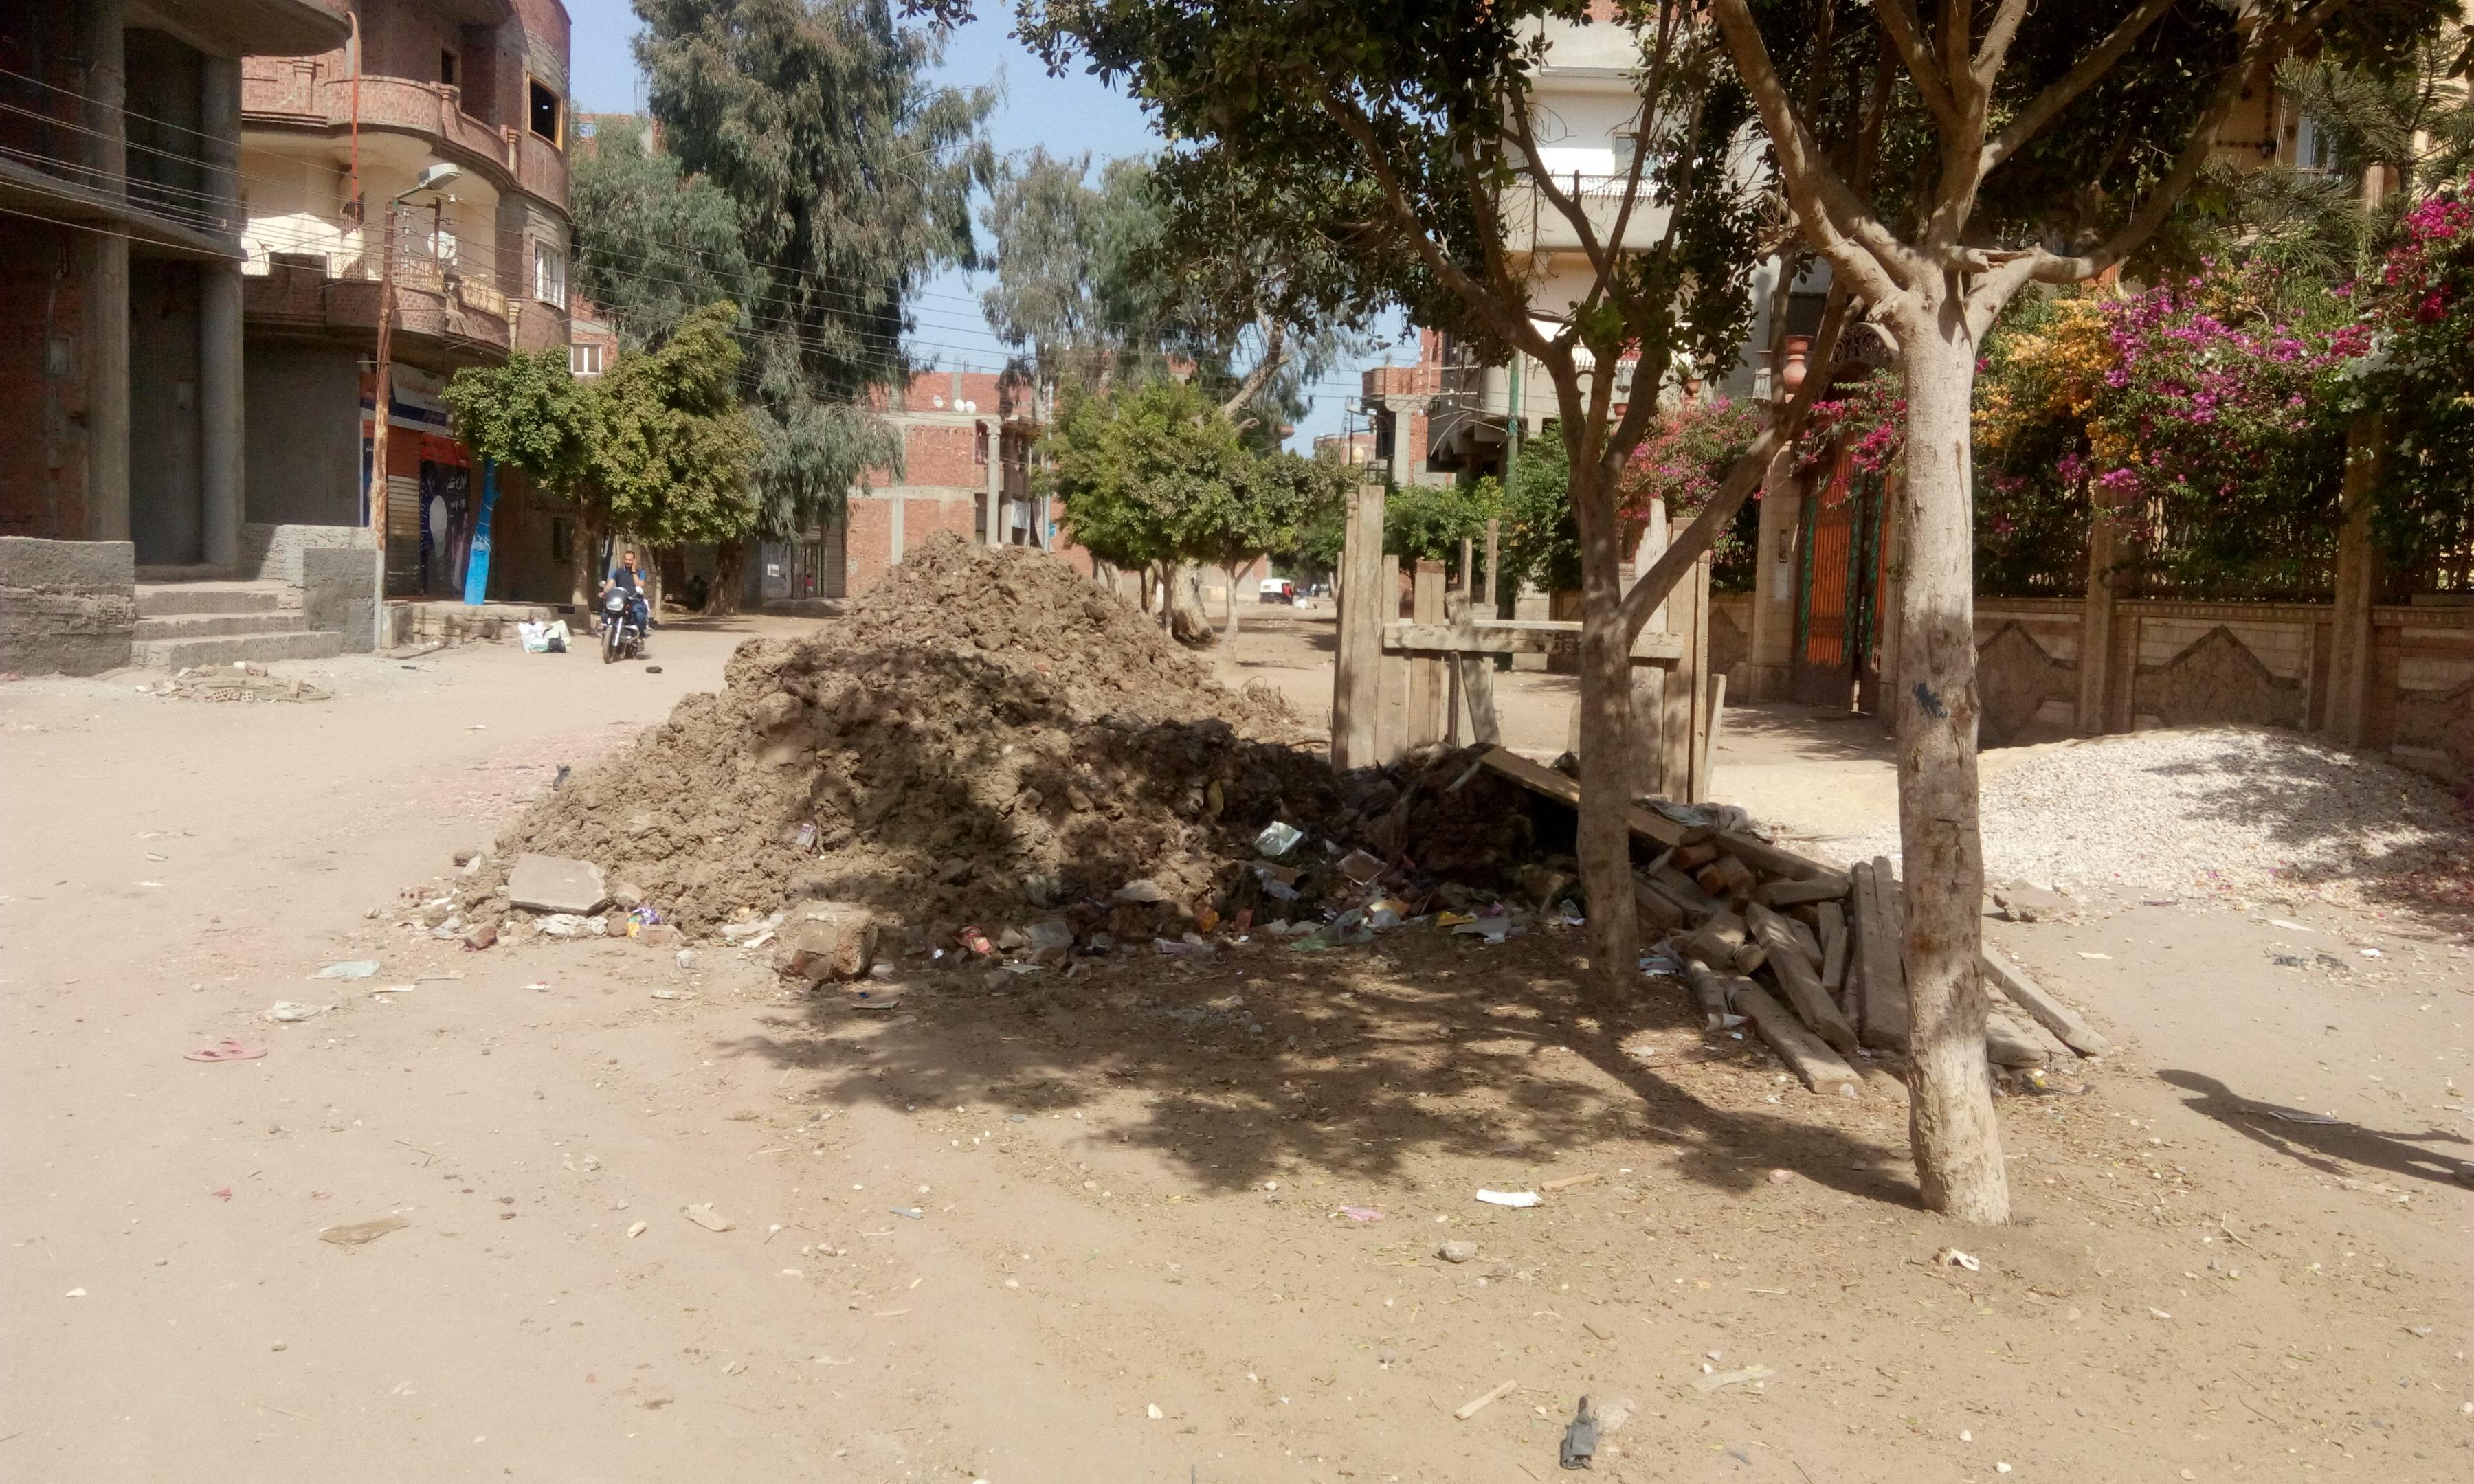 توقف العمل فى مشروع الصرف الصحى بقرية شبراملس فى الغربية (5)